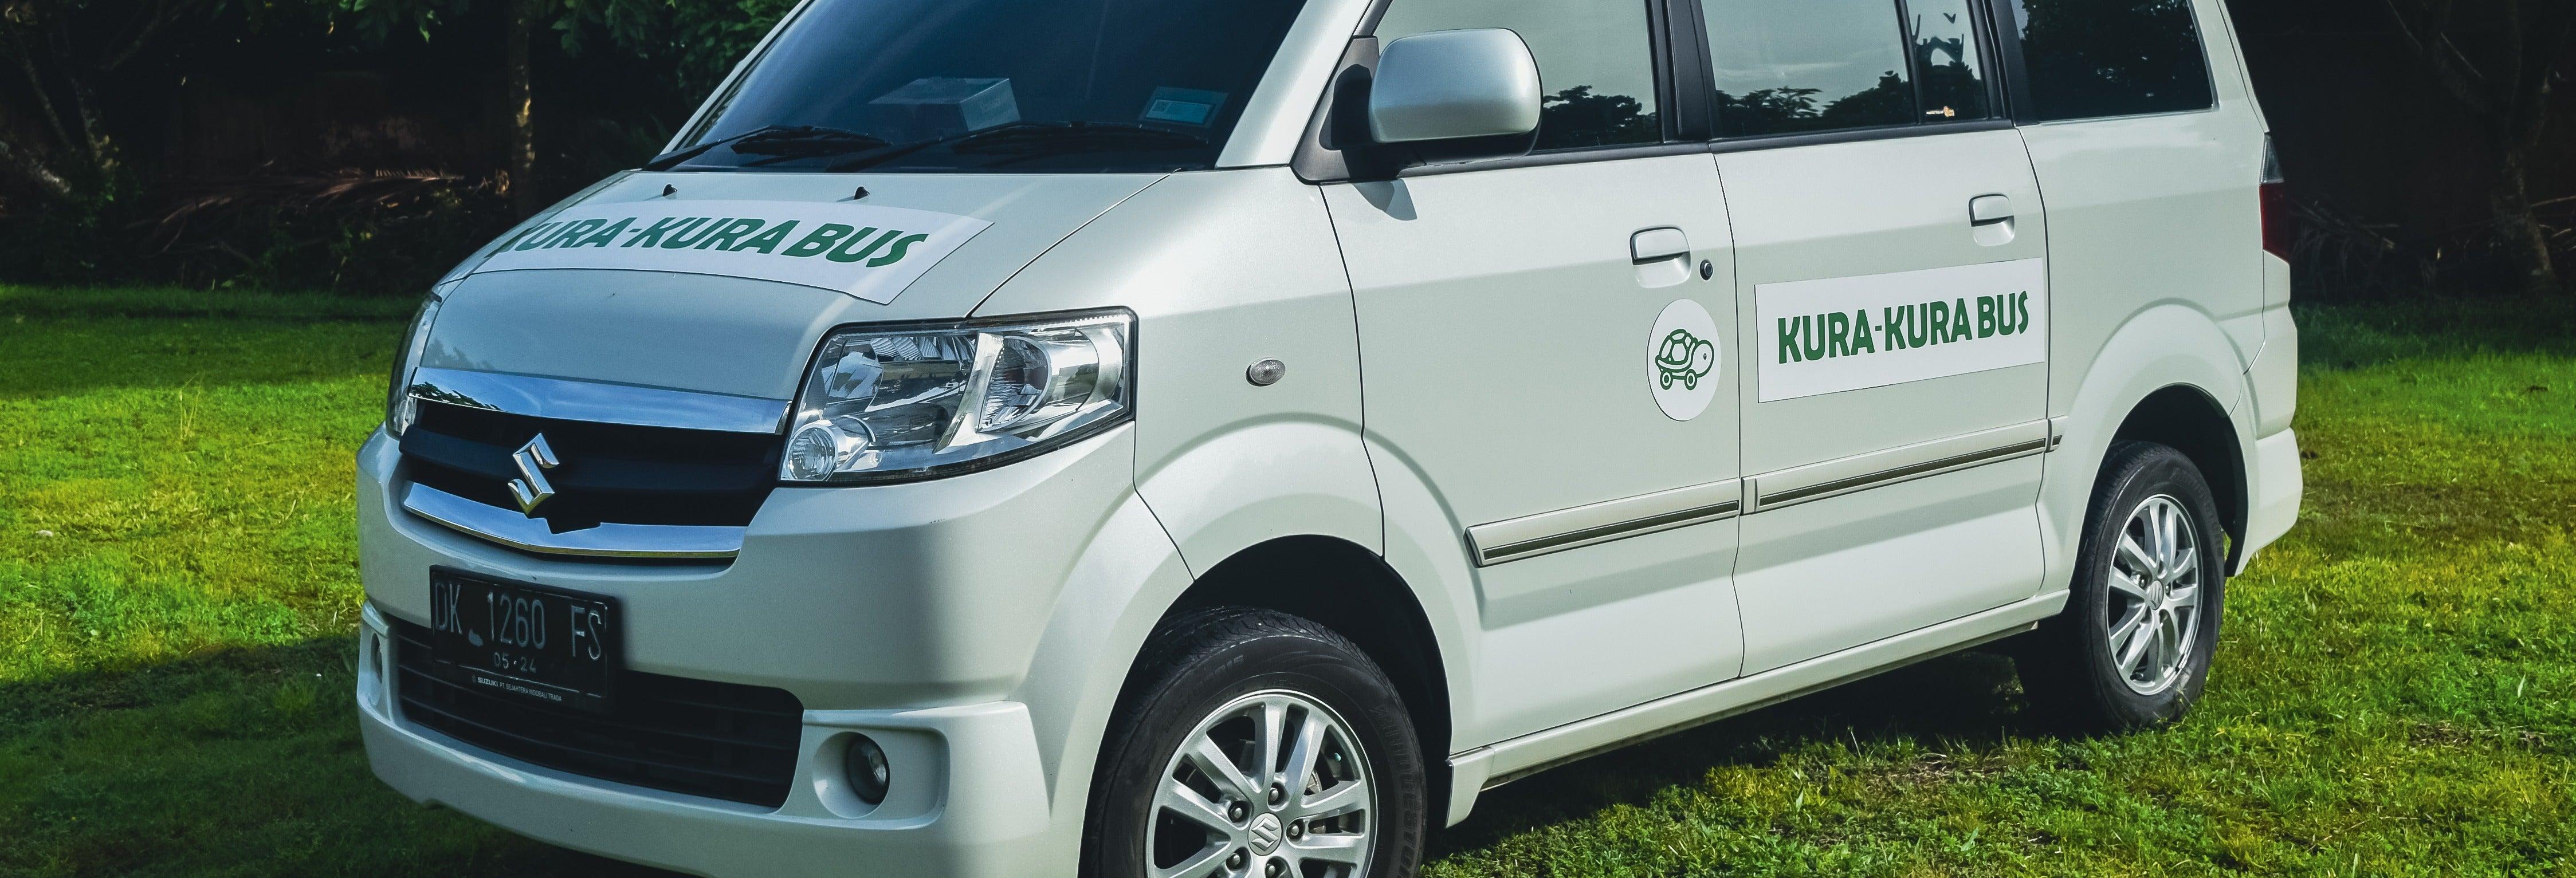 Autobús turístico de Bali